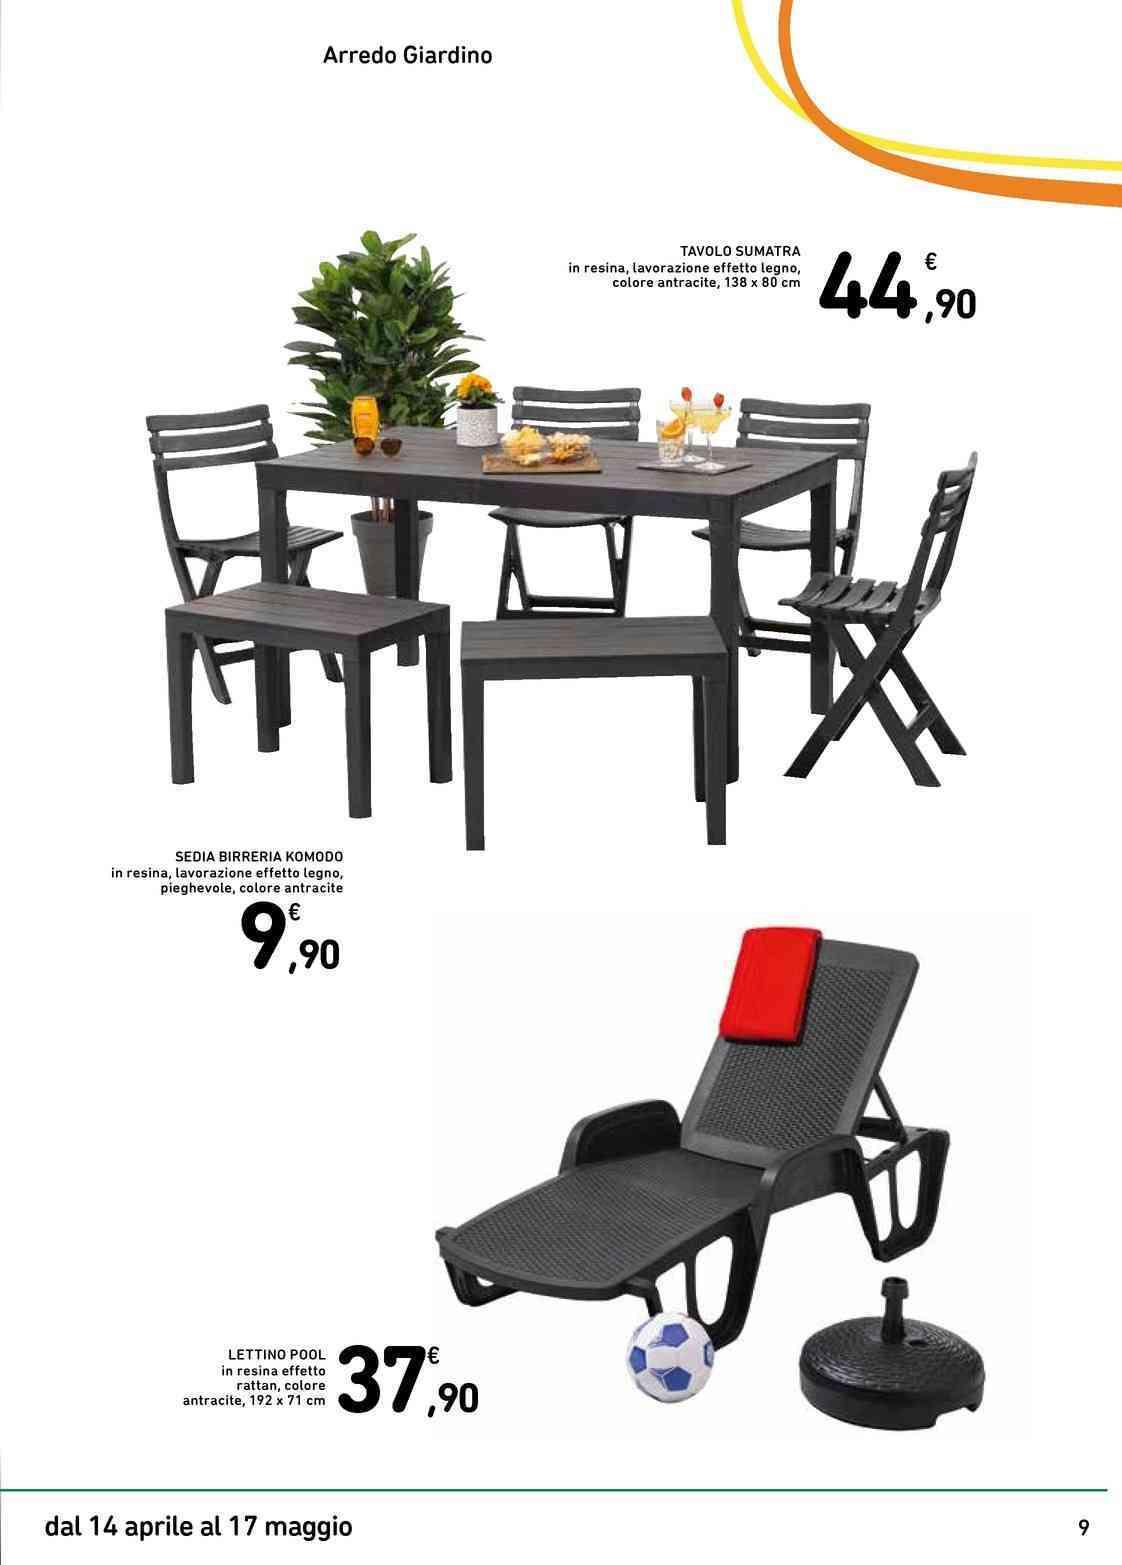 Tavoli Da Esterno Ipercoop.Offerte Tavoli Da Giardino Nel Volantino Prezzi Negozio Promoqui